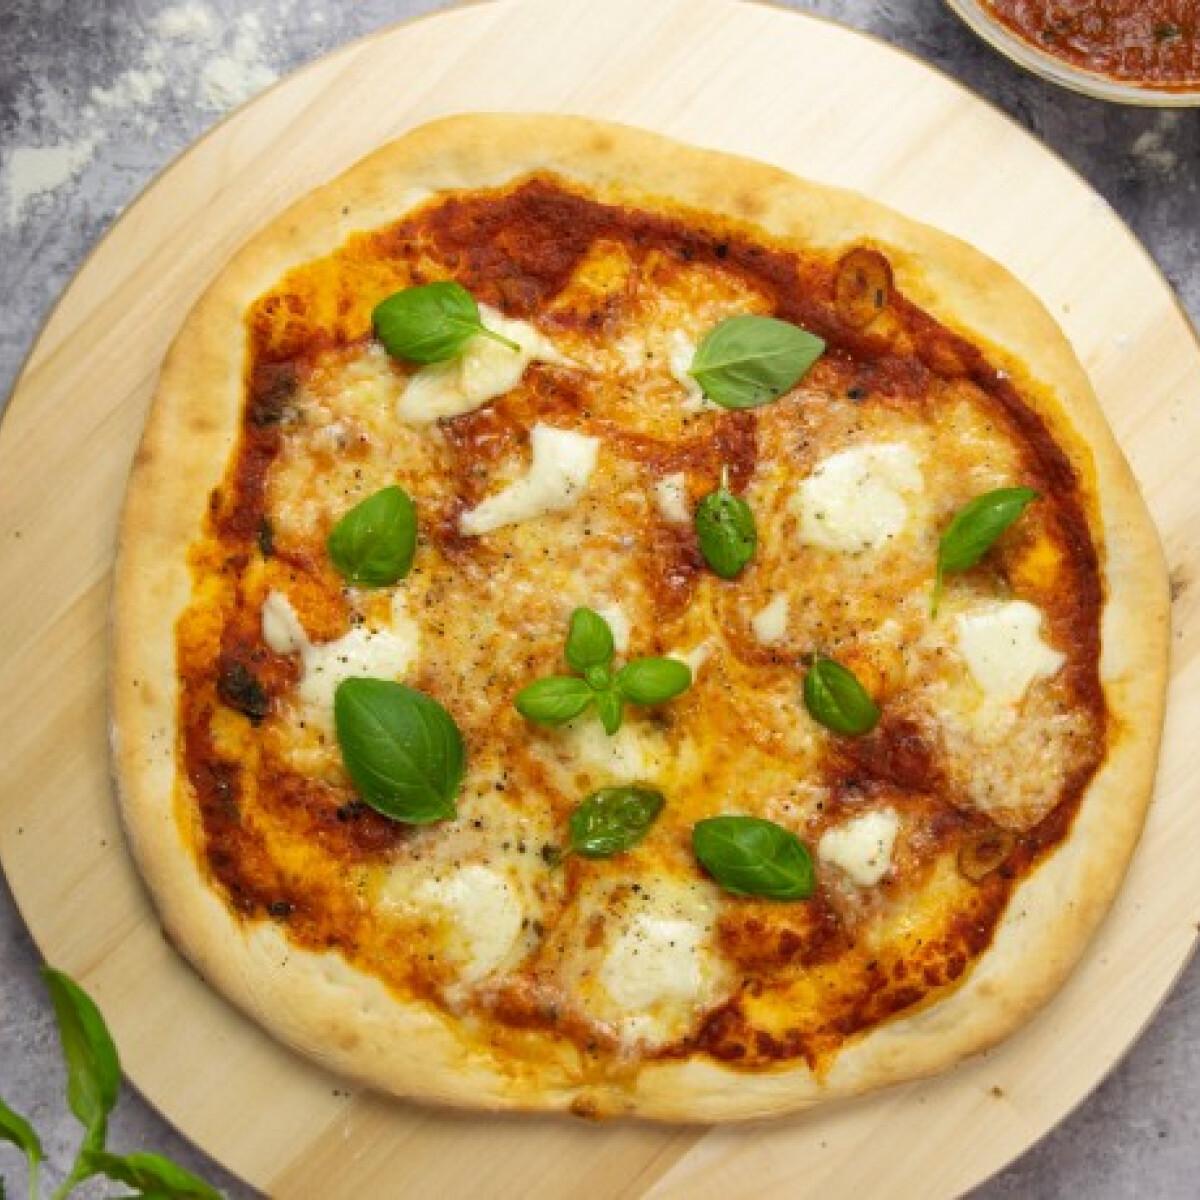 Ezen a képen: Margherita pizza